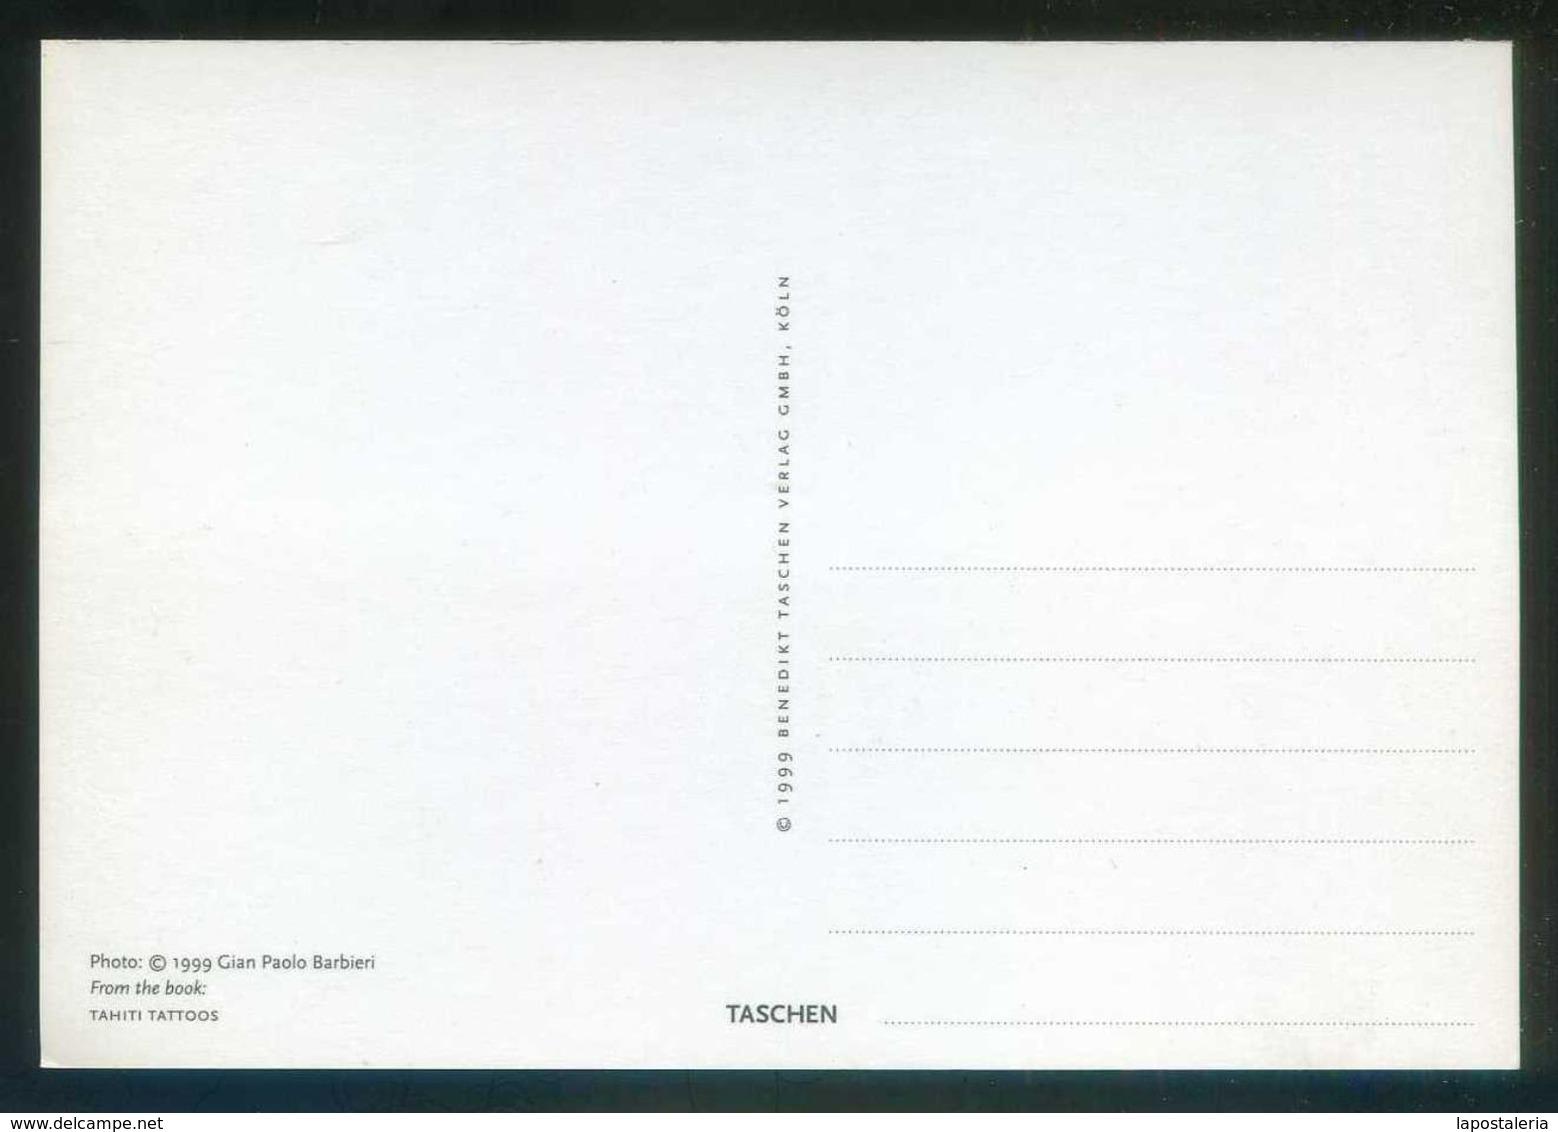 Gian Paolo Barbieri *Tahiti Tattoos* Ed. Taschen 1999. Procede Del Libro De 3o Postales. Nueva. - Fotografía